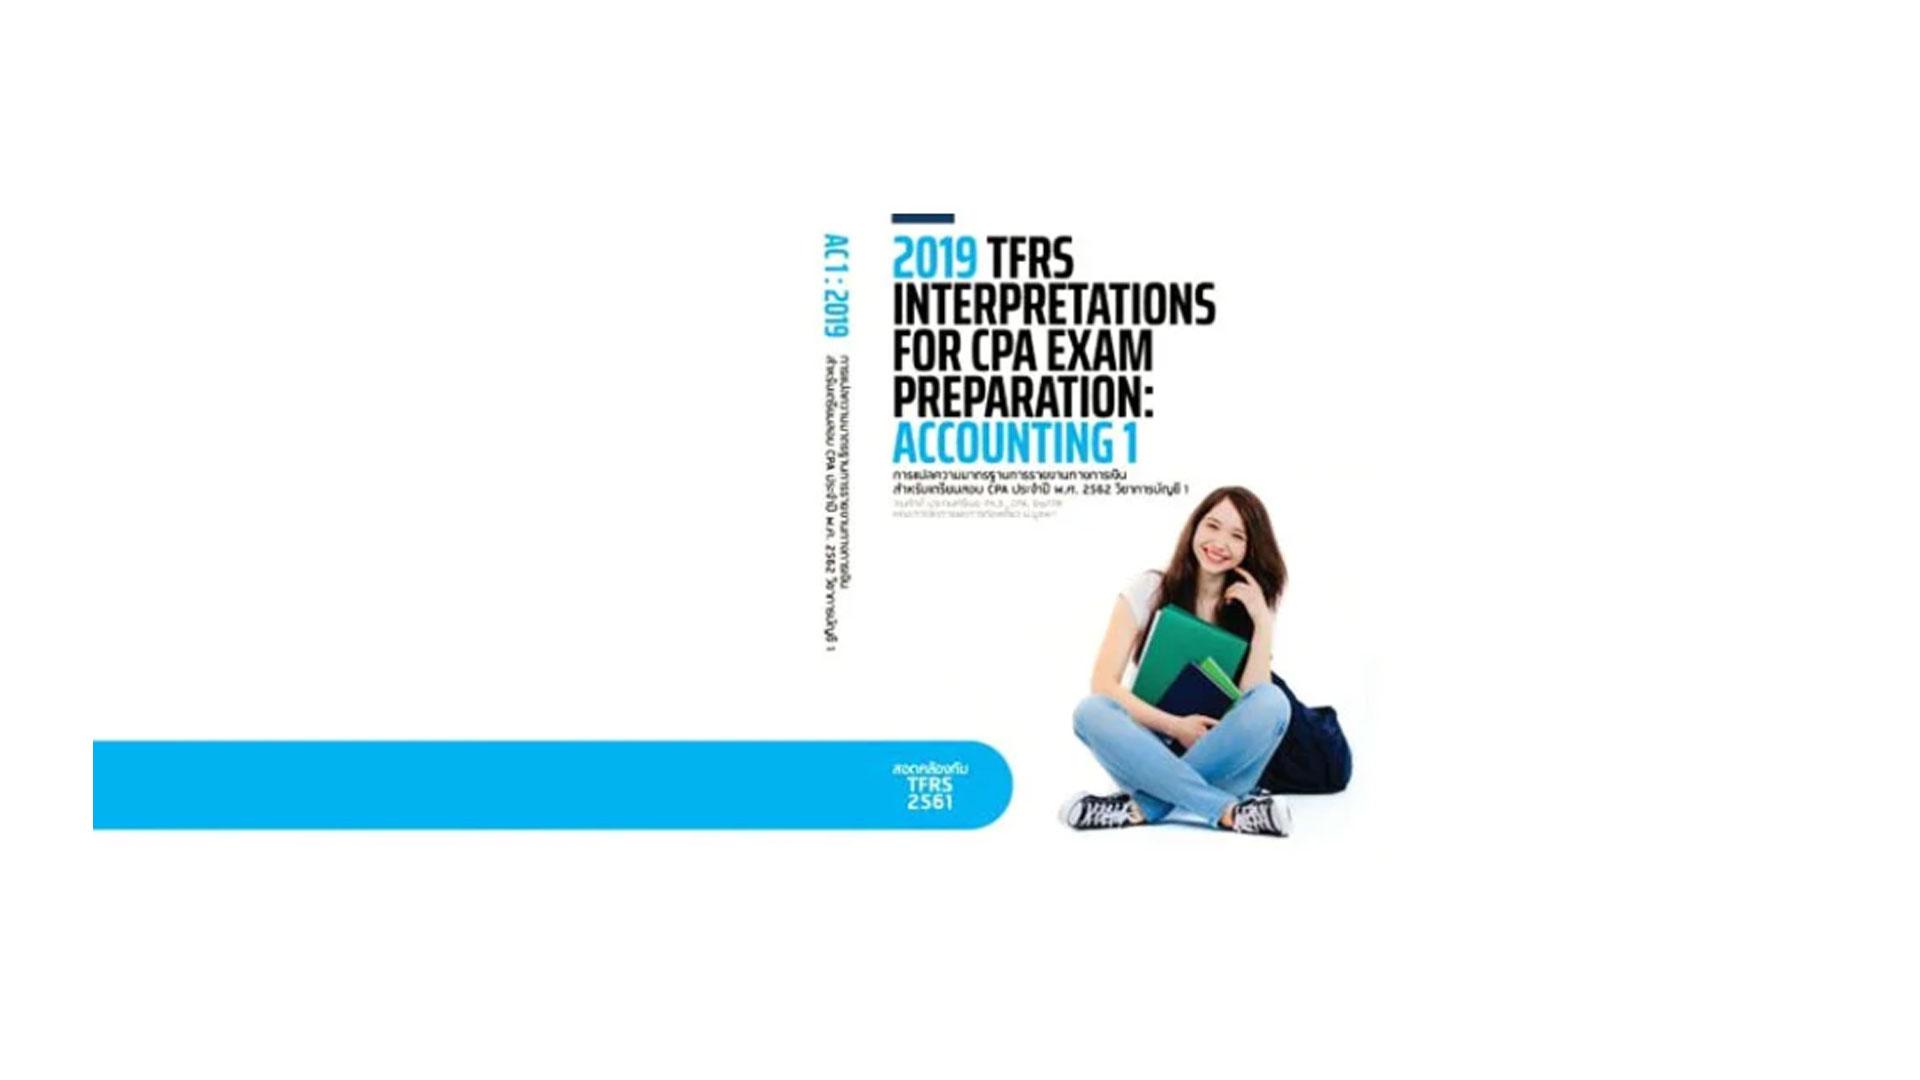 ติว CPA คอร์สออนไลน์ บัญชี 1 Comprehensive Class ครั้งที่ 1 ปี 2562